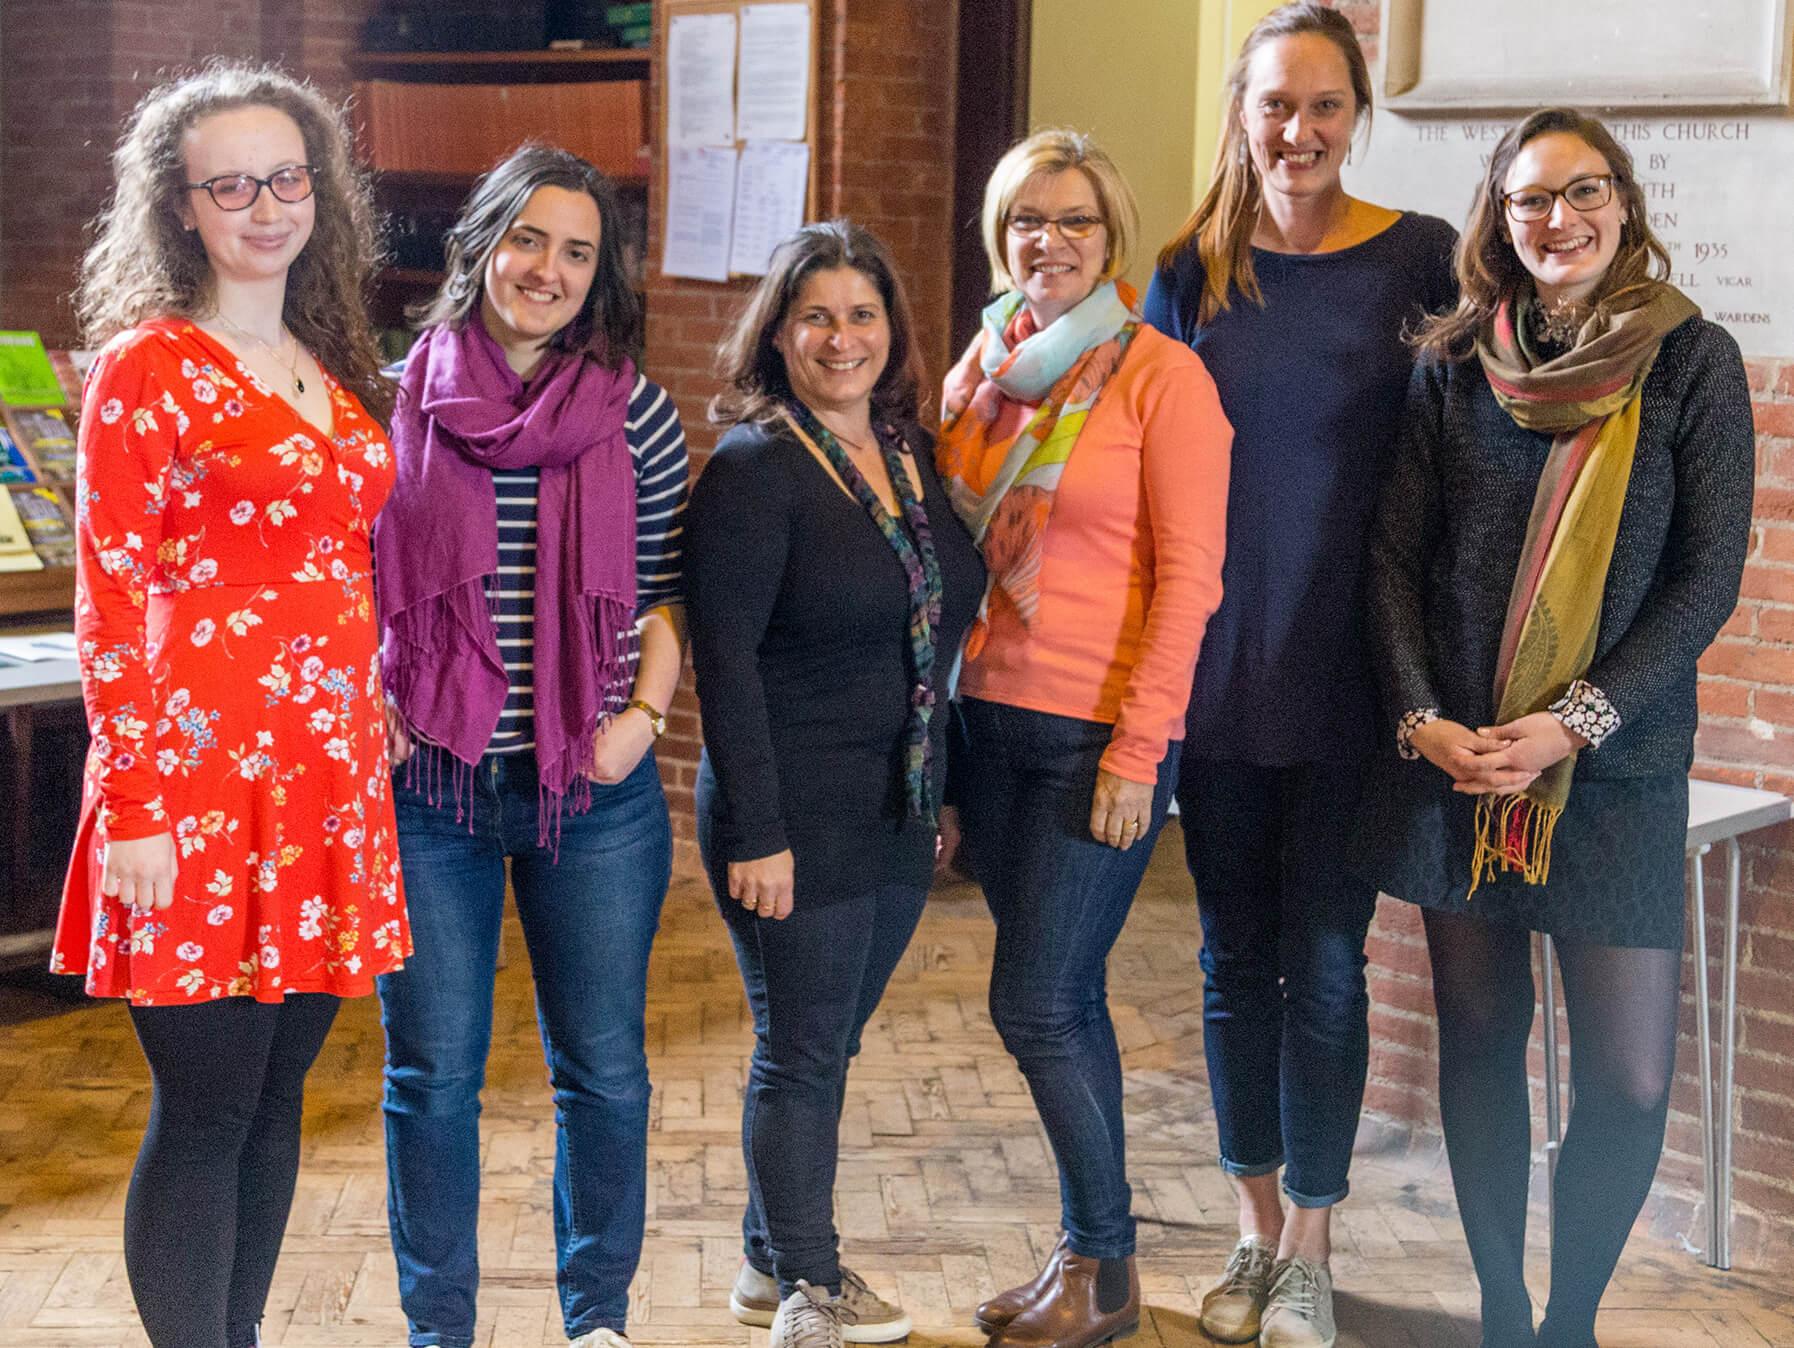 Rhiannon Randle, Rosalind Russell, Lorna Perry, Cathryn Caunt, Annika Lindskog, Heather Lowe